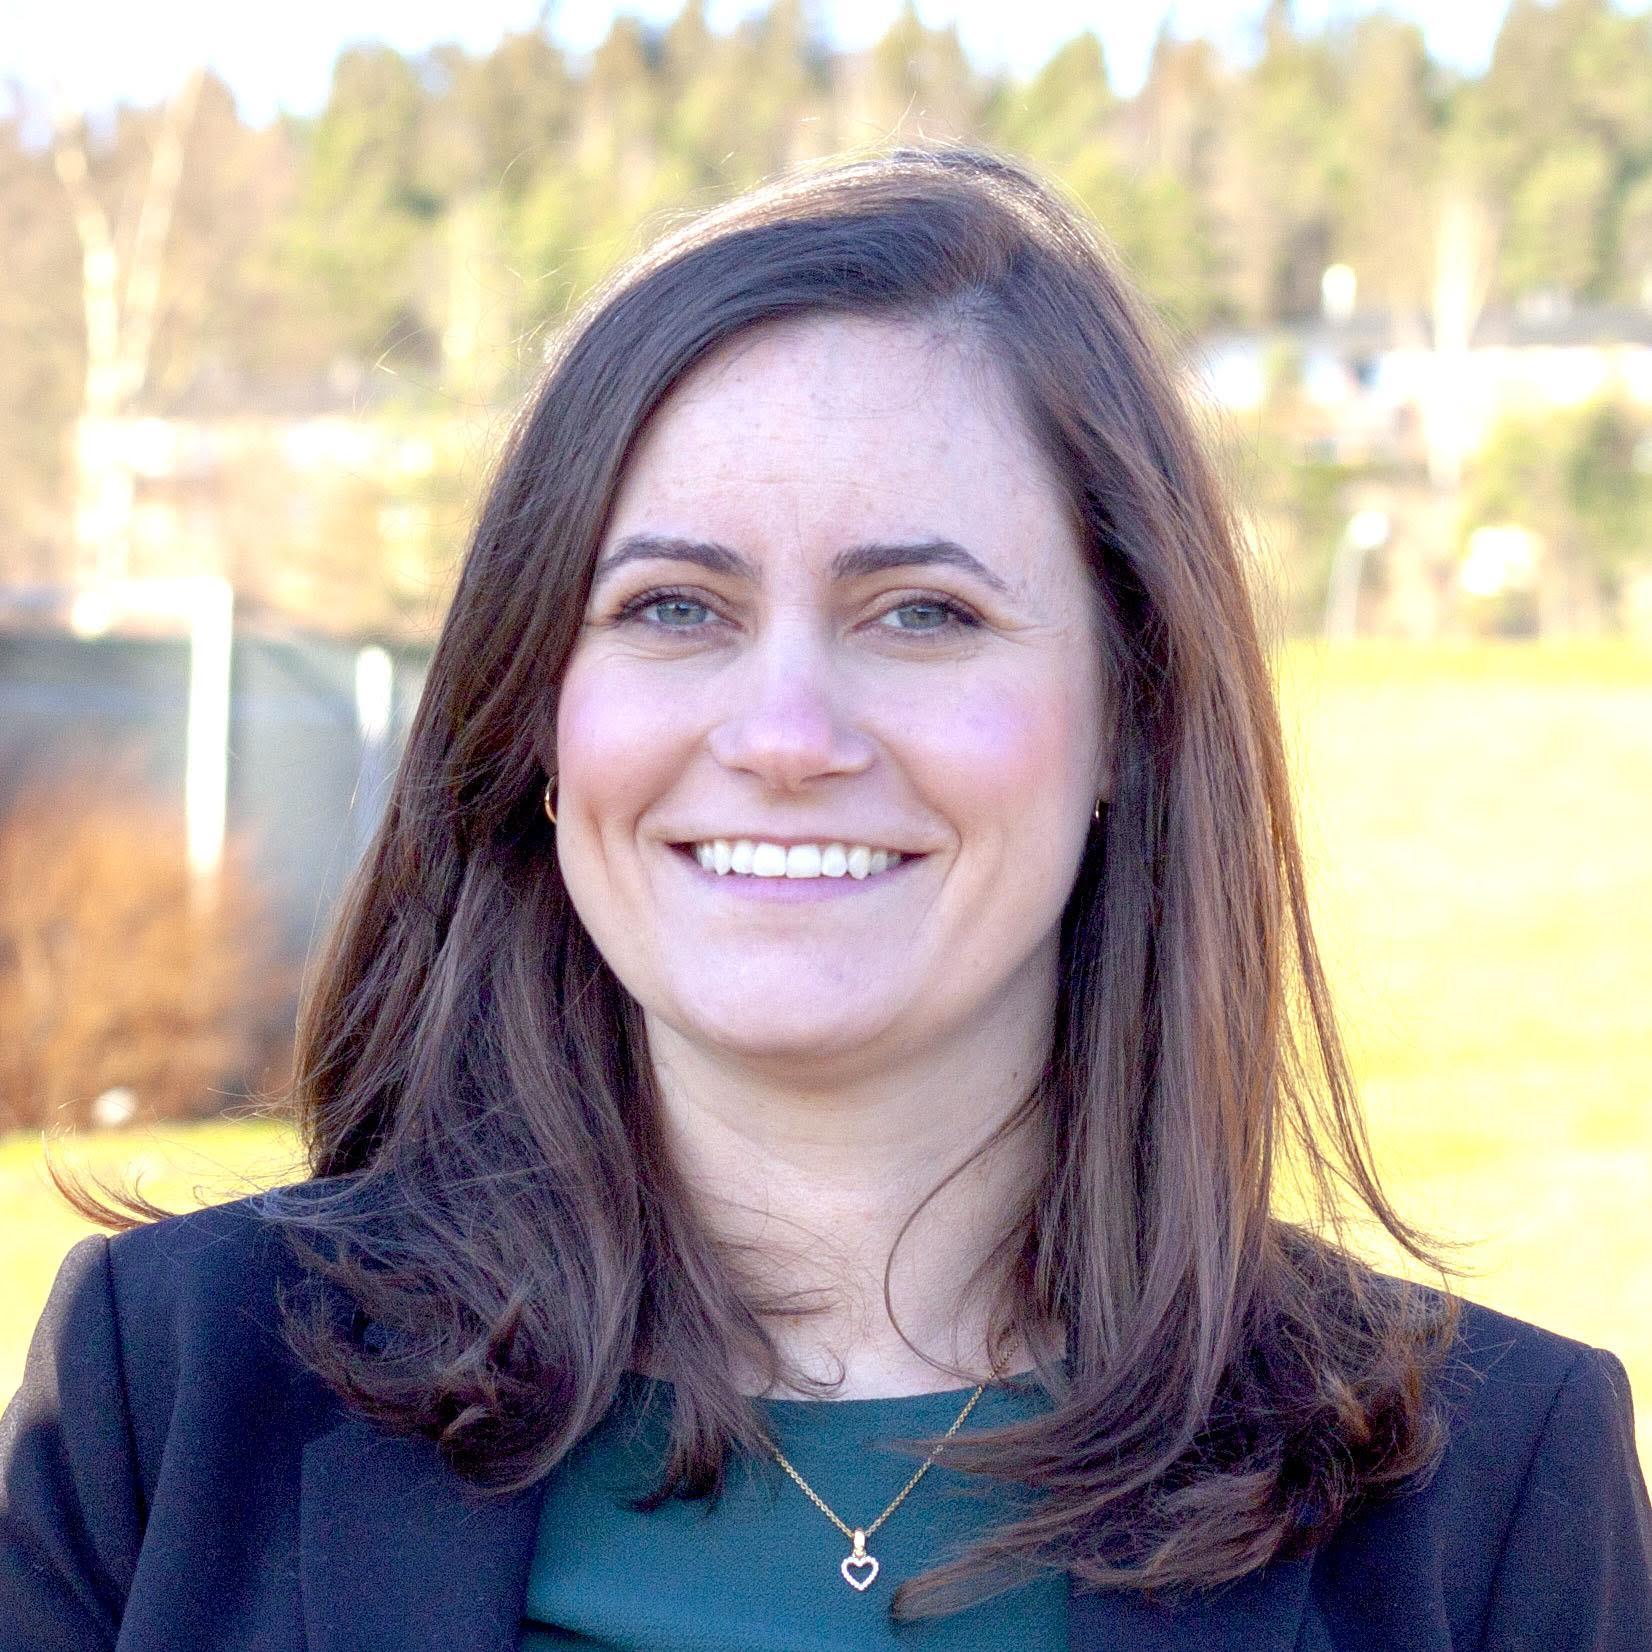 Erin Kourafas